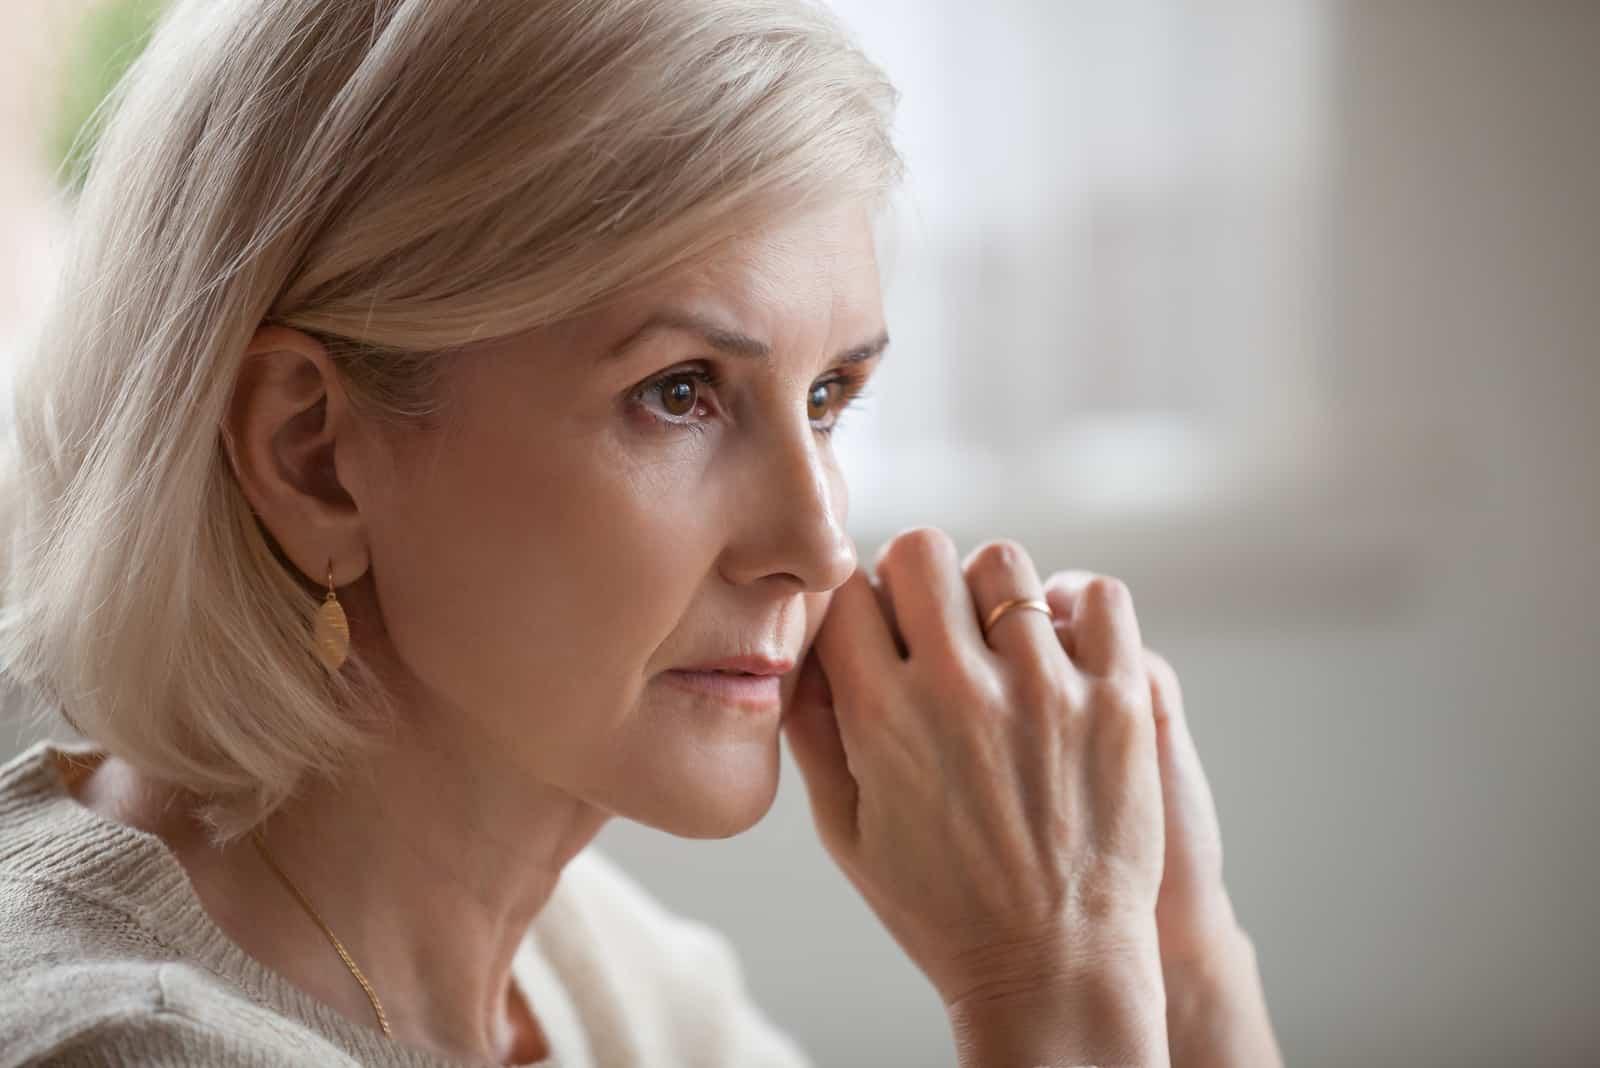 Narzisstische Mutter: Ist Kontaktabbruch der einzige Ausweg?